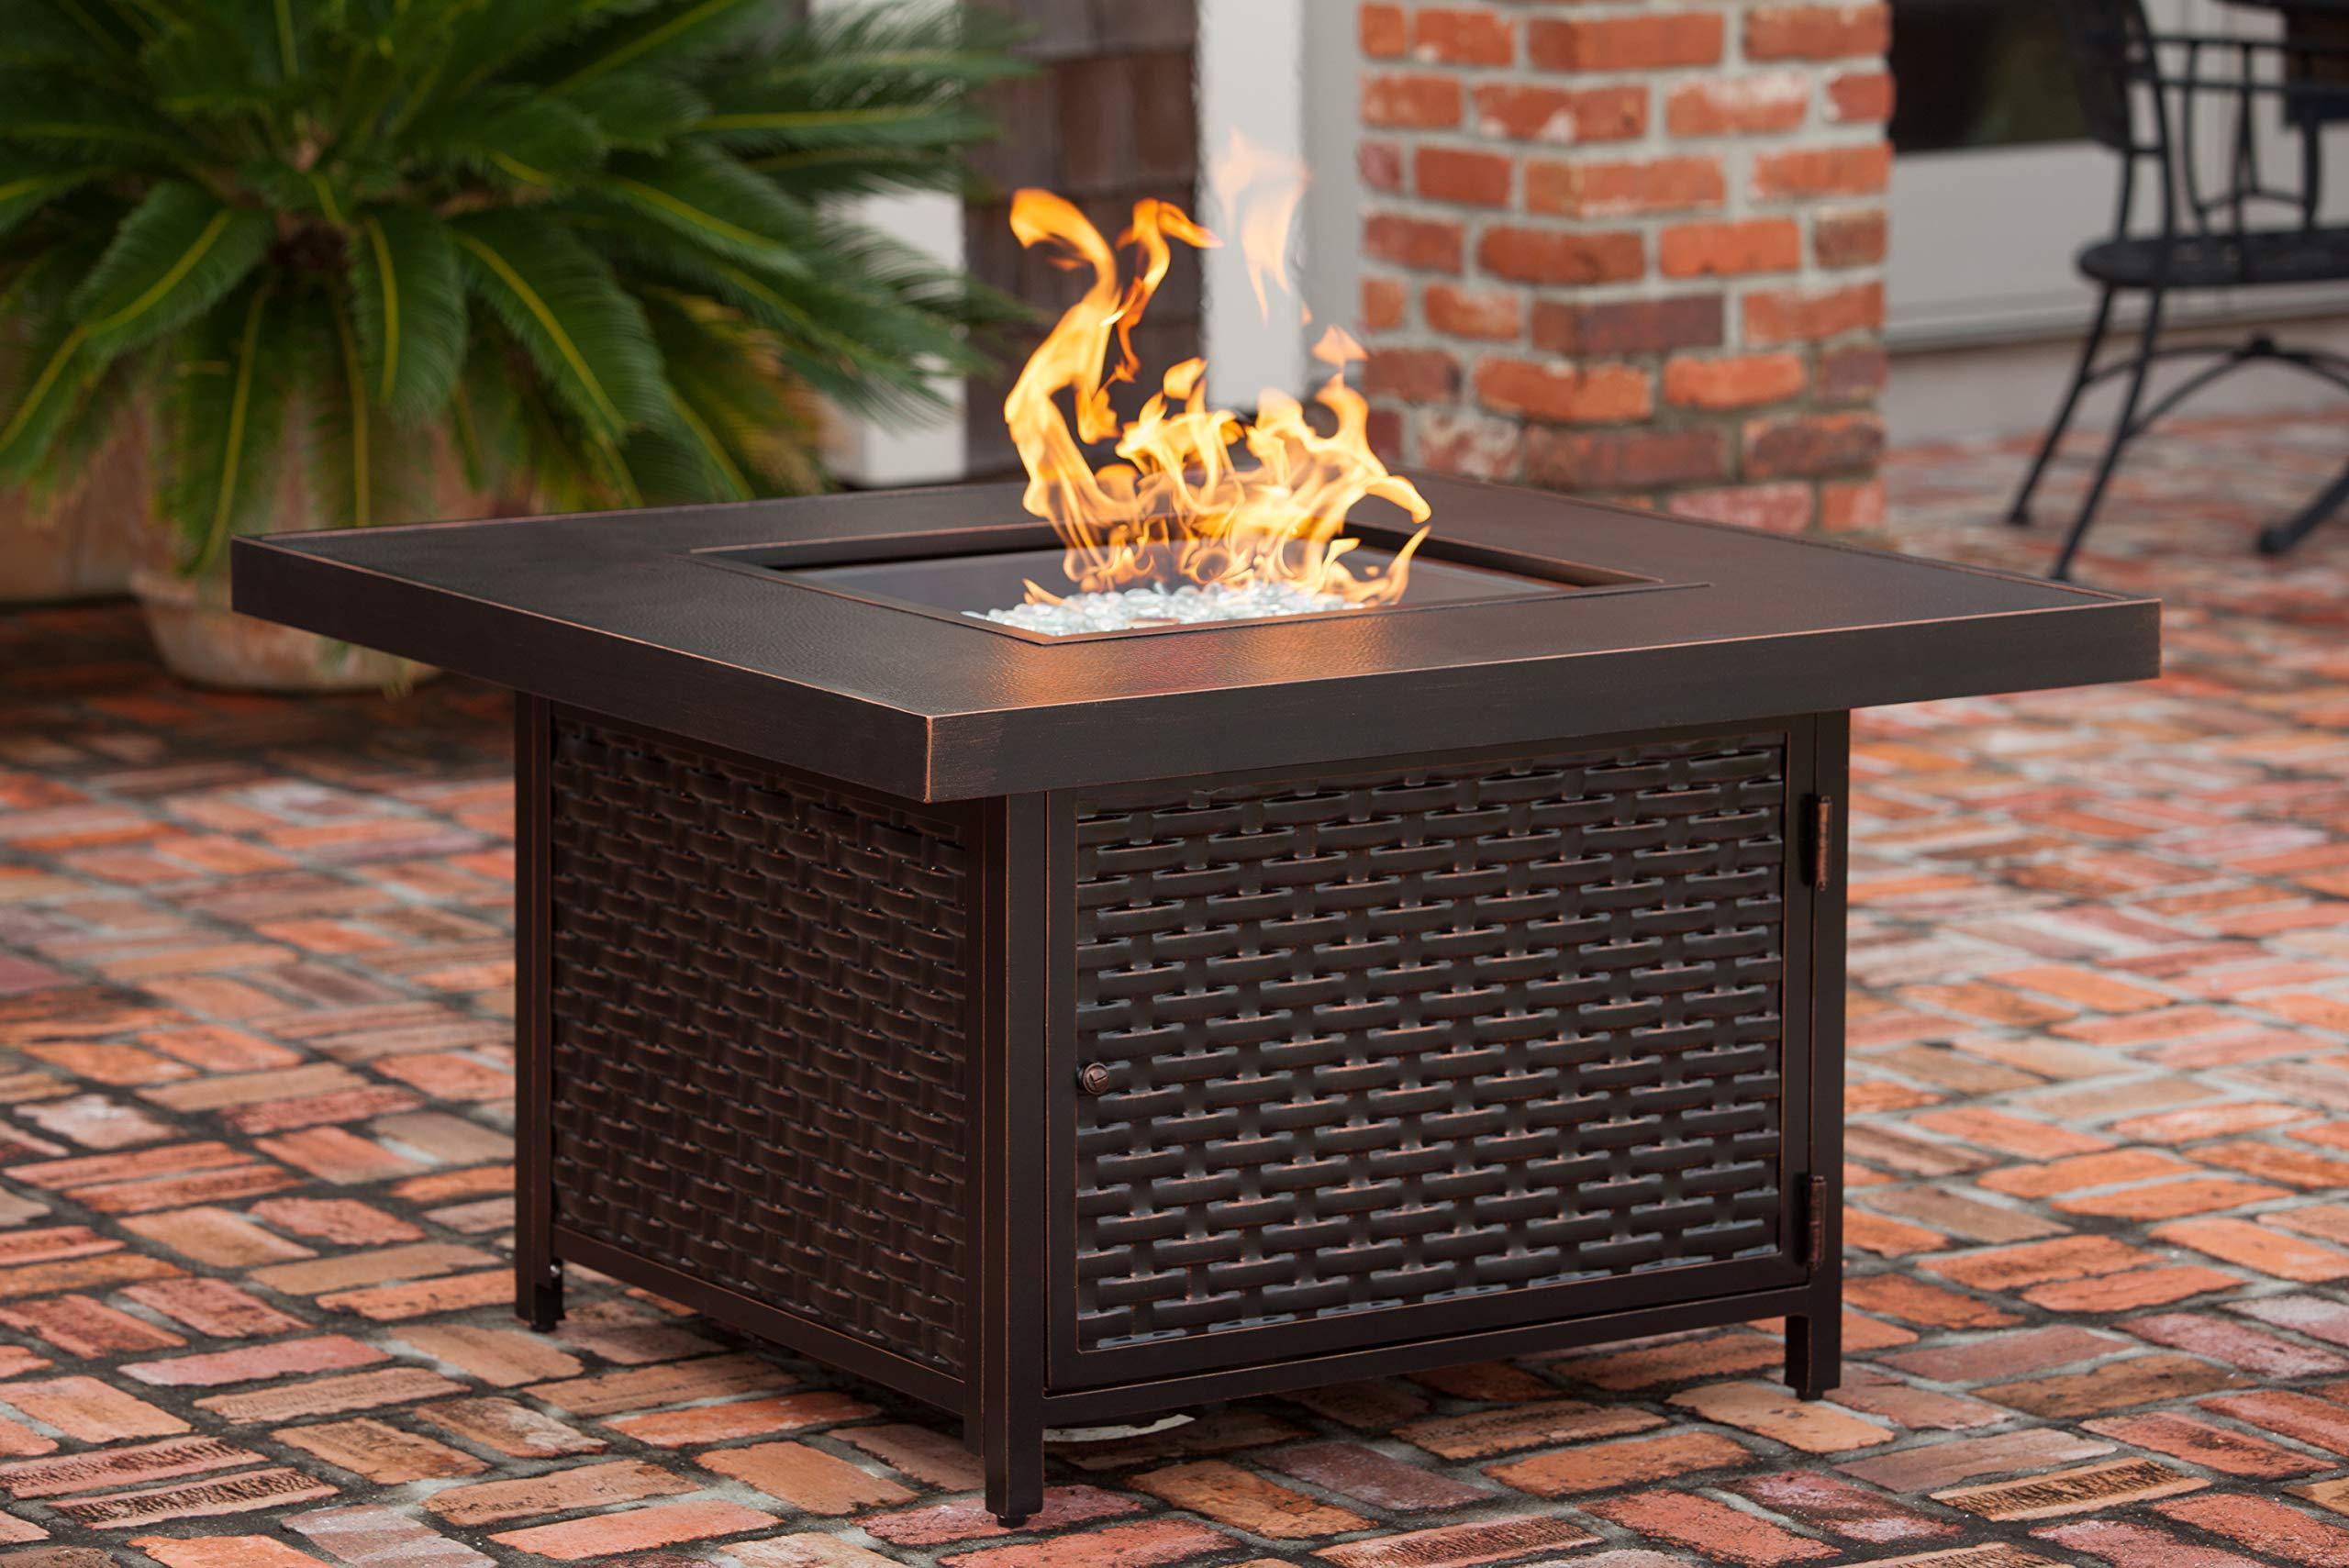 Baker Cast Aluminum LPG Fire Pit Table by Fire Sense